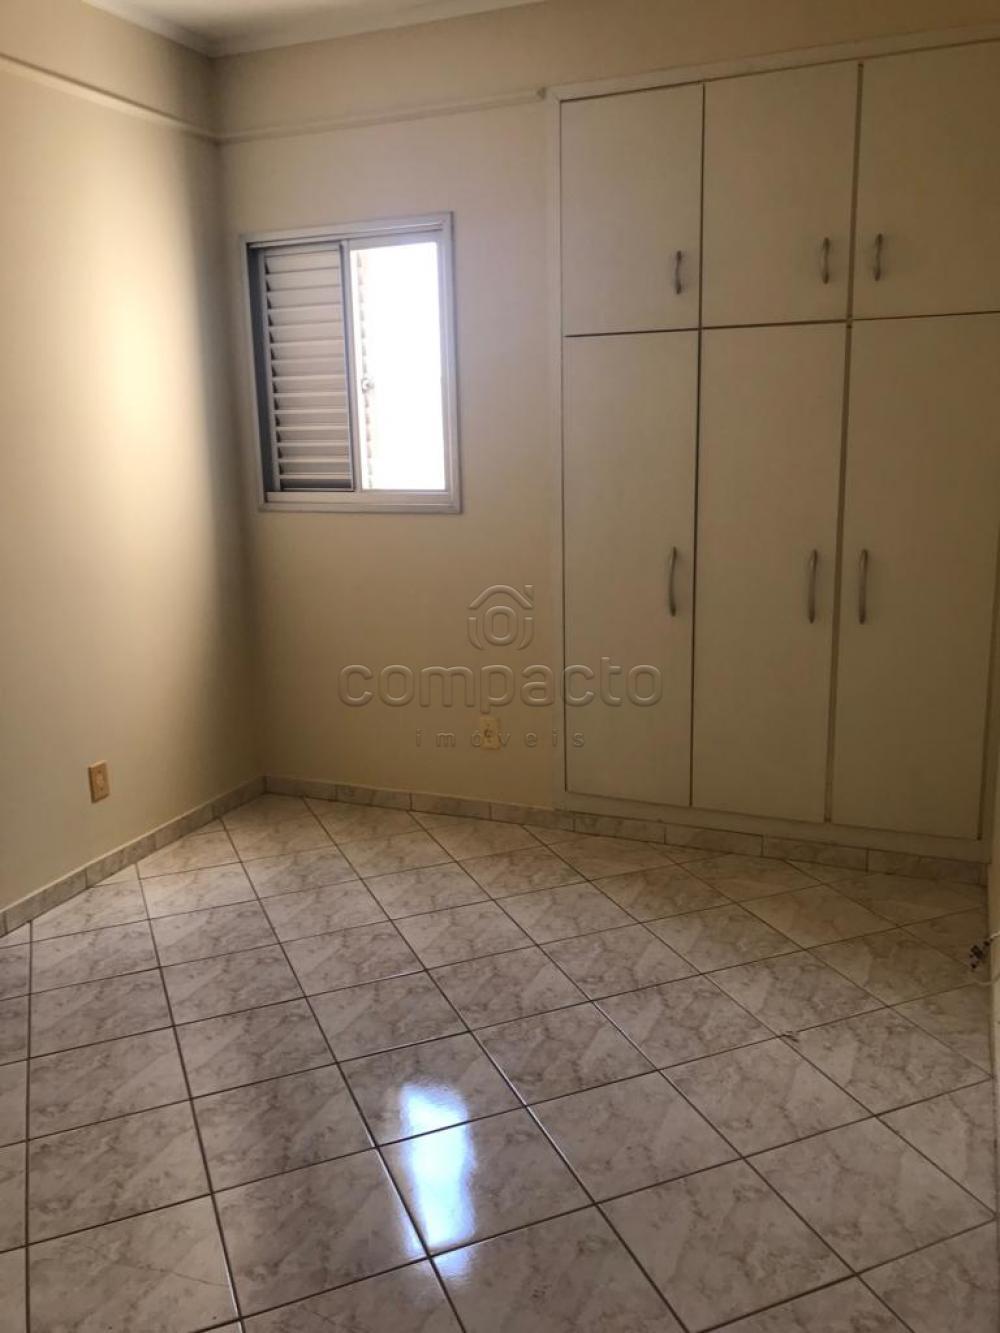 Alugar Apartamento / Padrão em São José do Rio Preto apenas R$ 900,00 - Foto 4